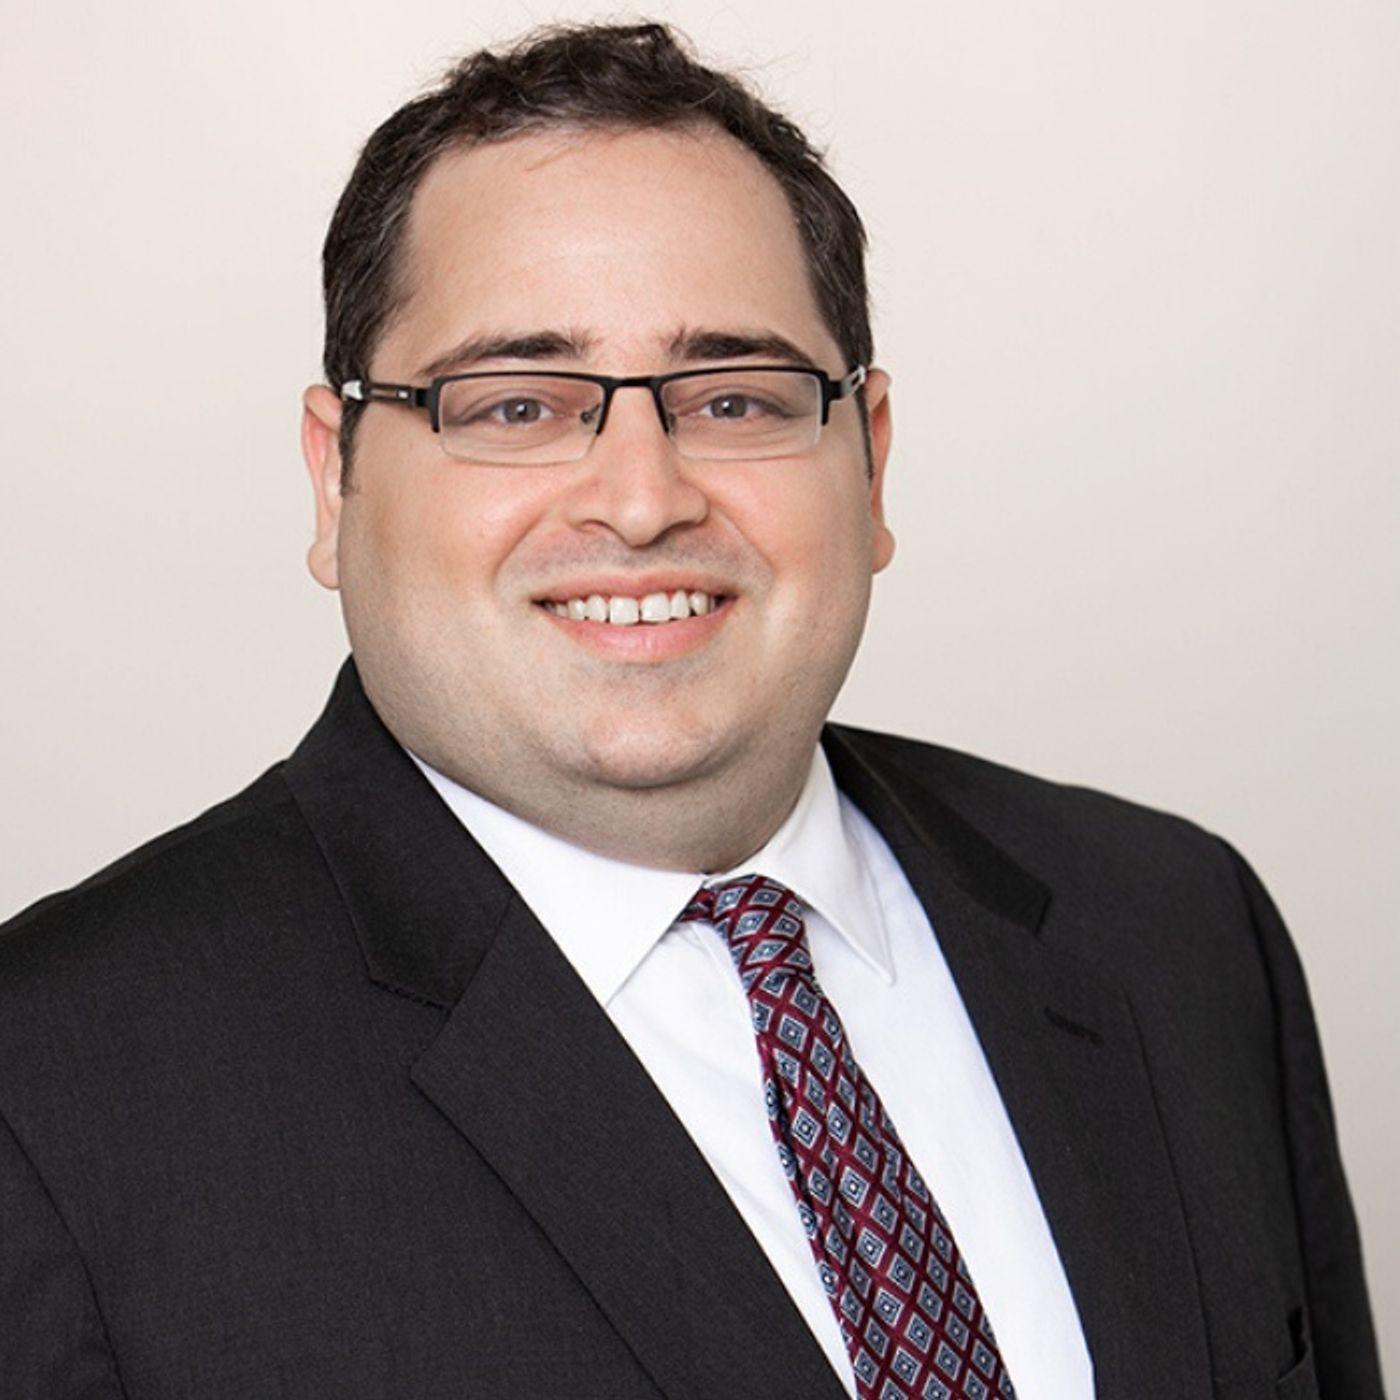 David Milavetz